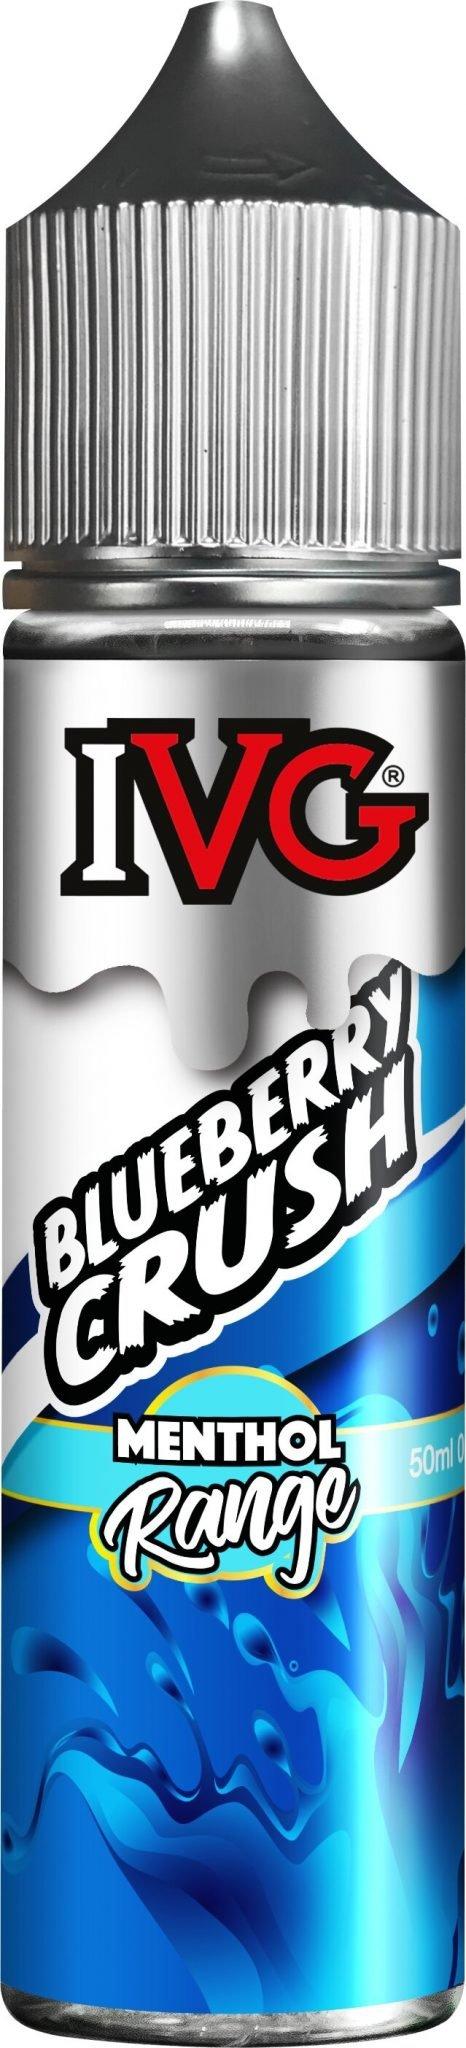 IVG Blueberry Crush eLiquid UK